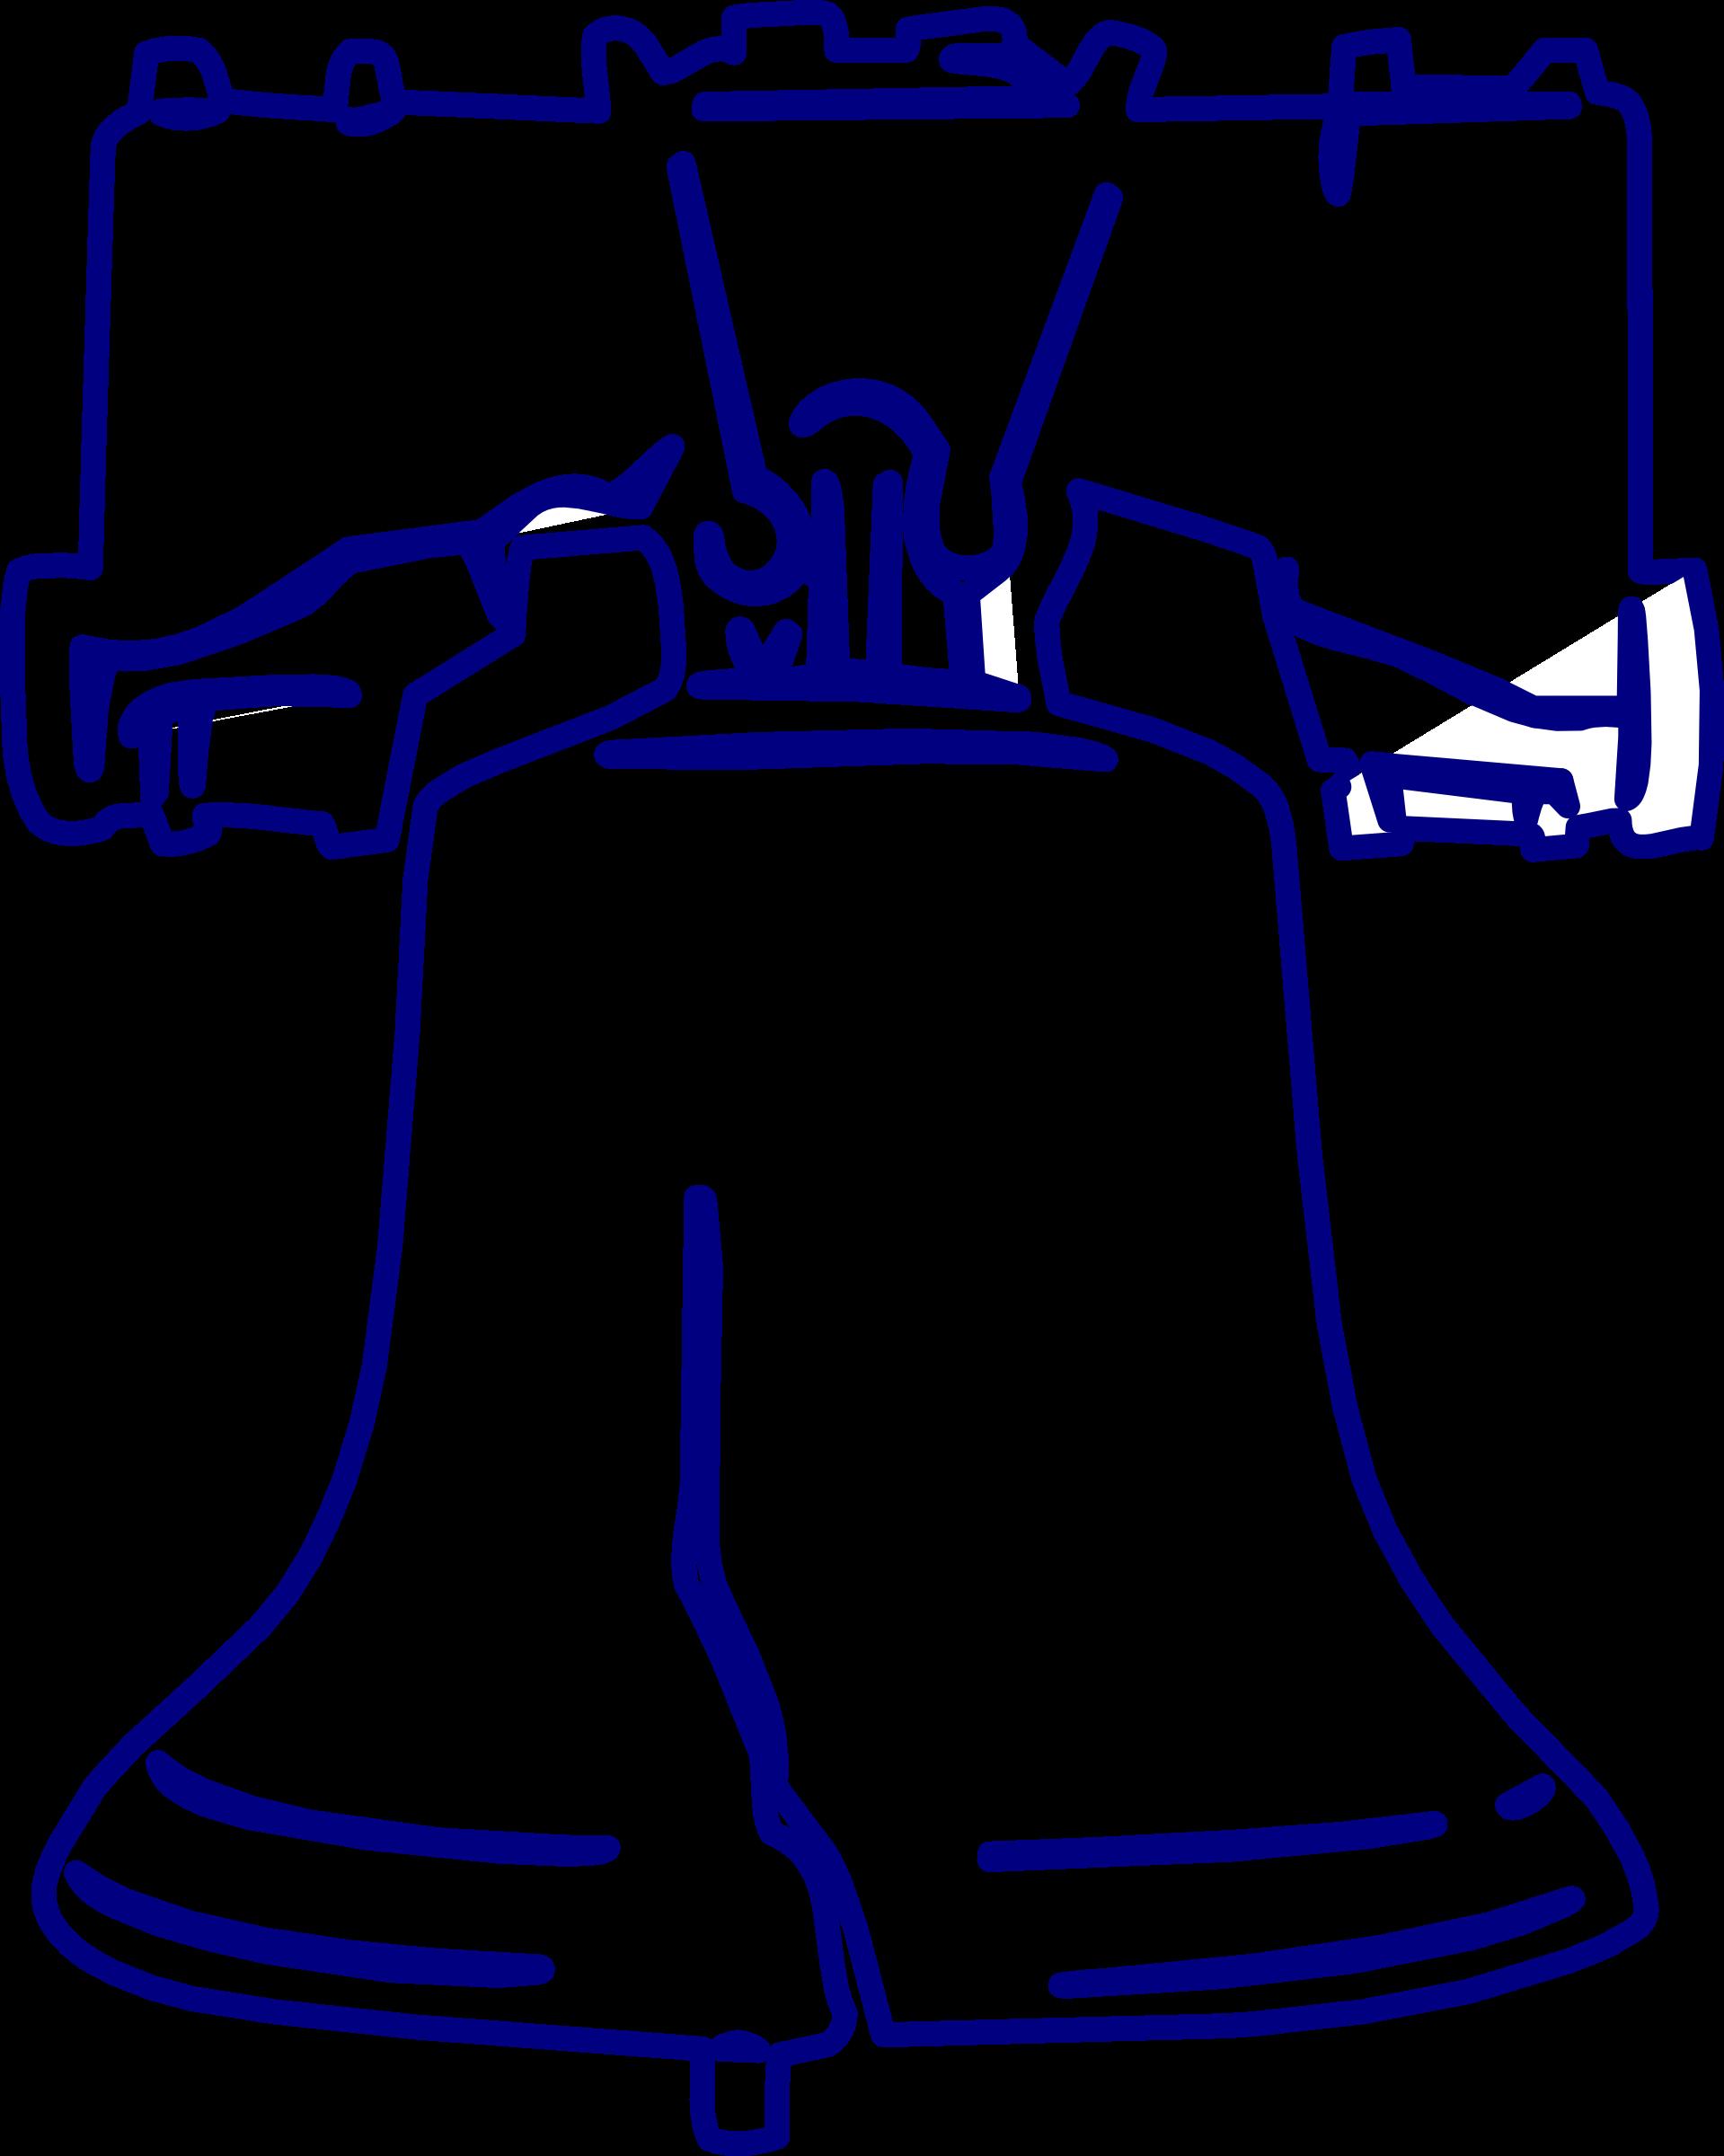 Liberty bell big image. Bells clipart sketches